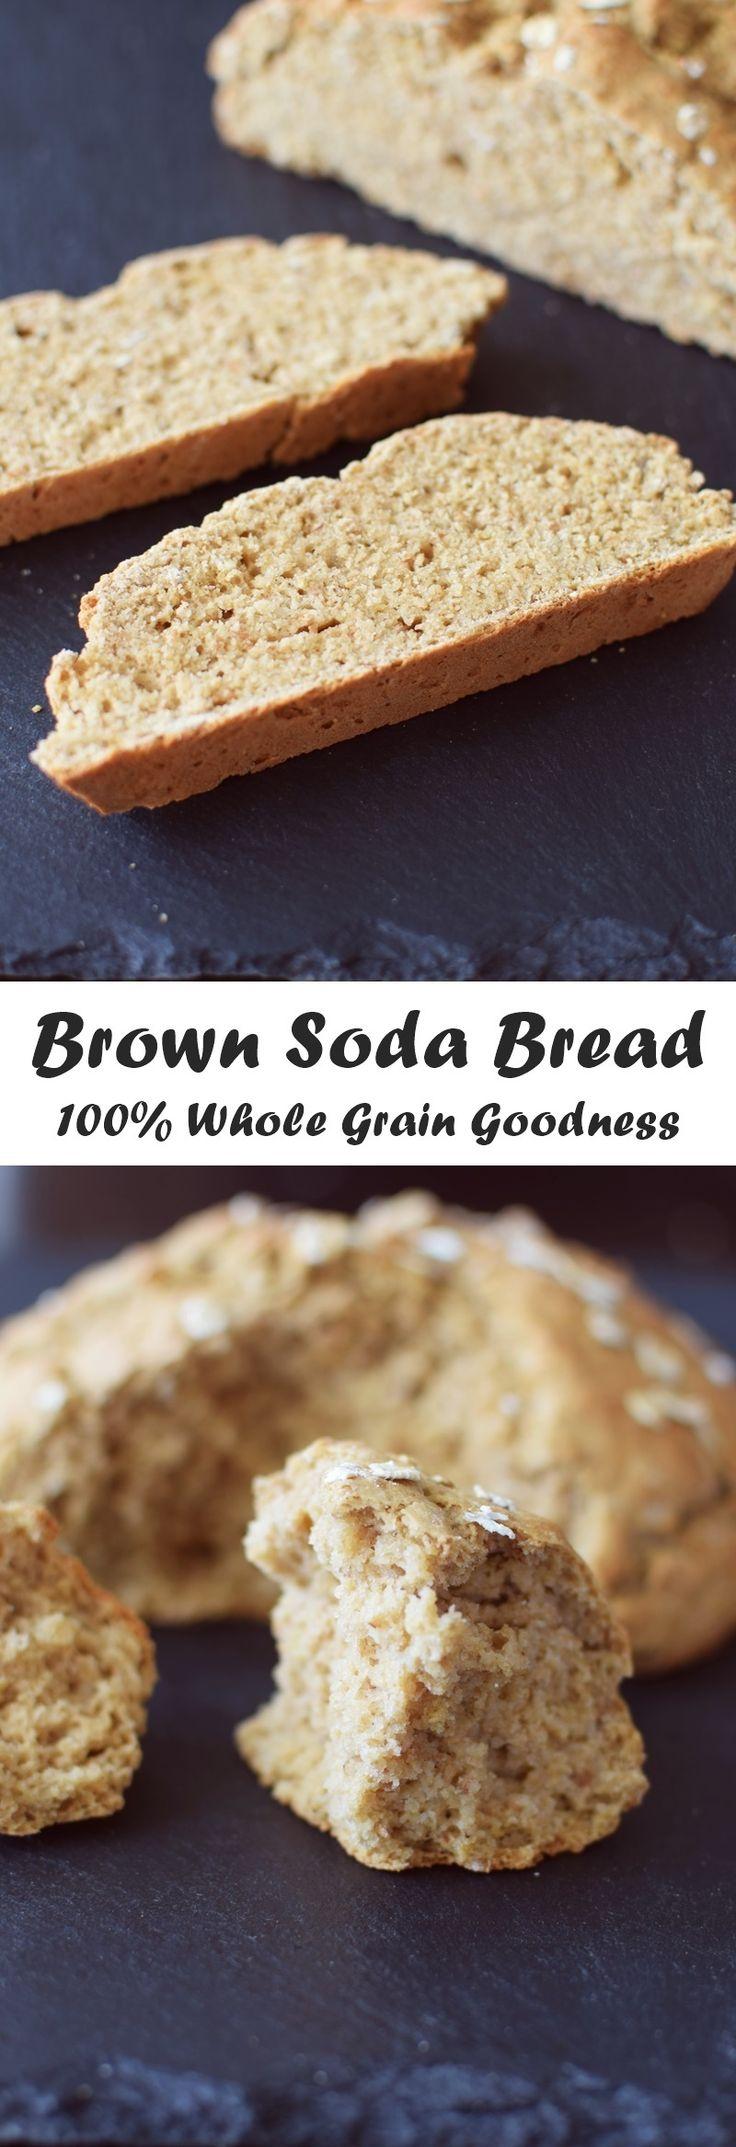 Wholesome Irish Brown Soda Bread Recipe Soda bread